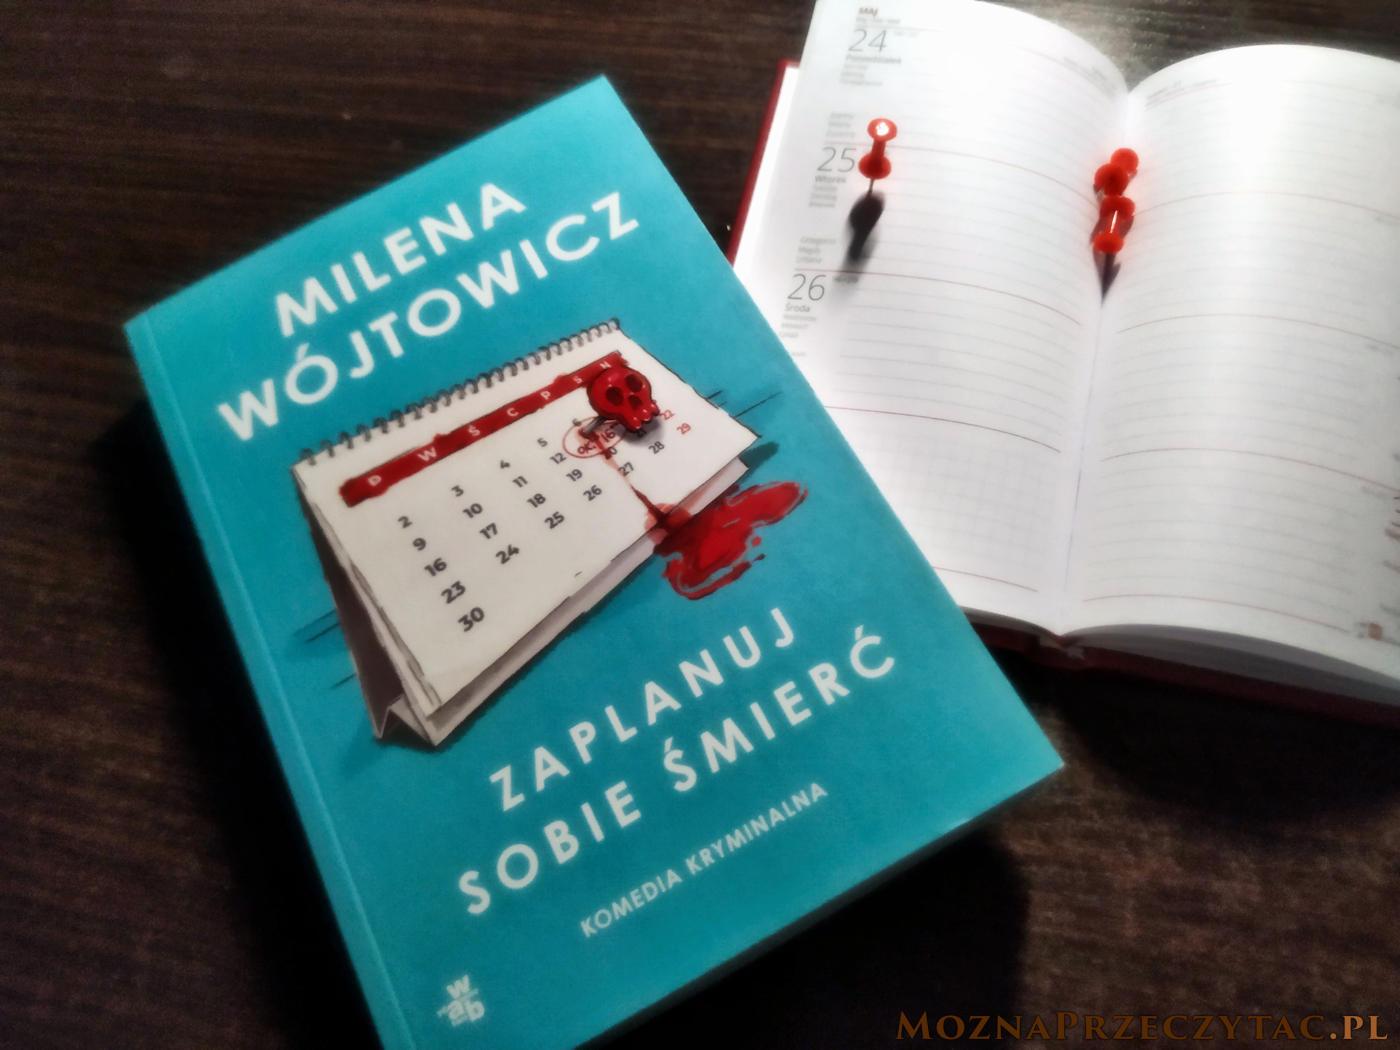 Zaplanuj sobie śmierć - Milena Wójtowicz